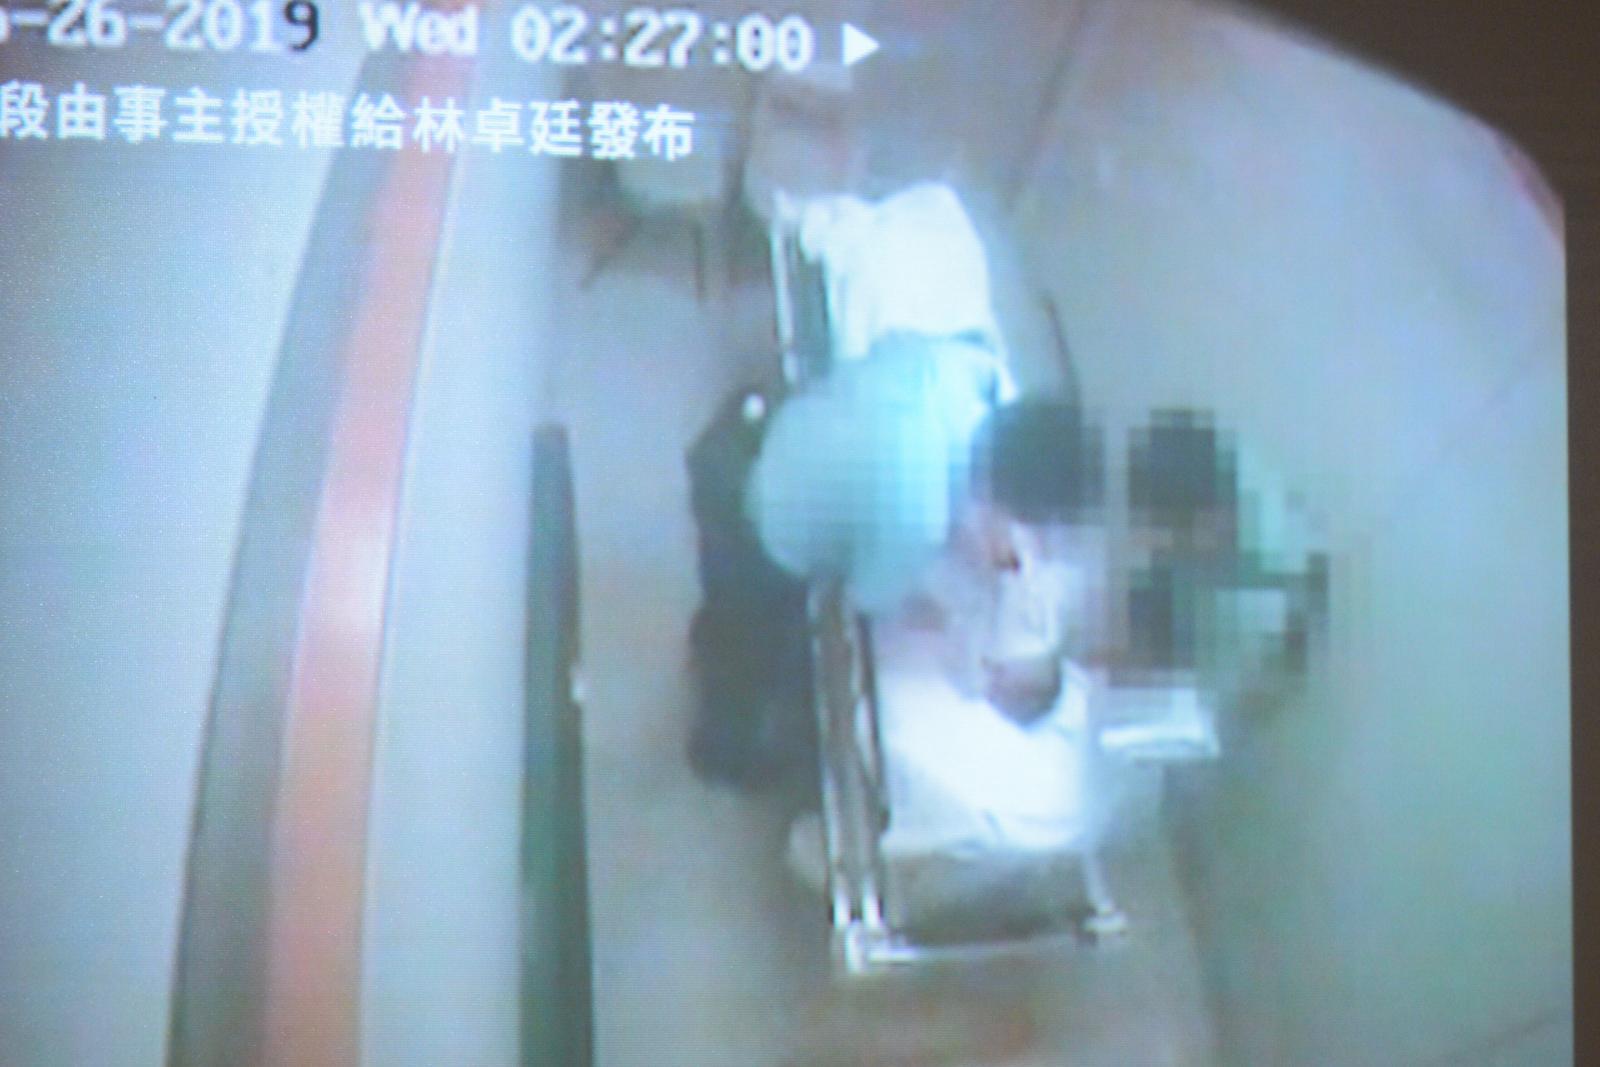 警員涉在醫院毆打被扣留男子。 林卓廷提供影片截圖